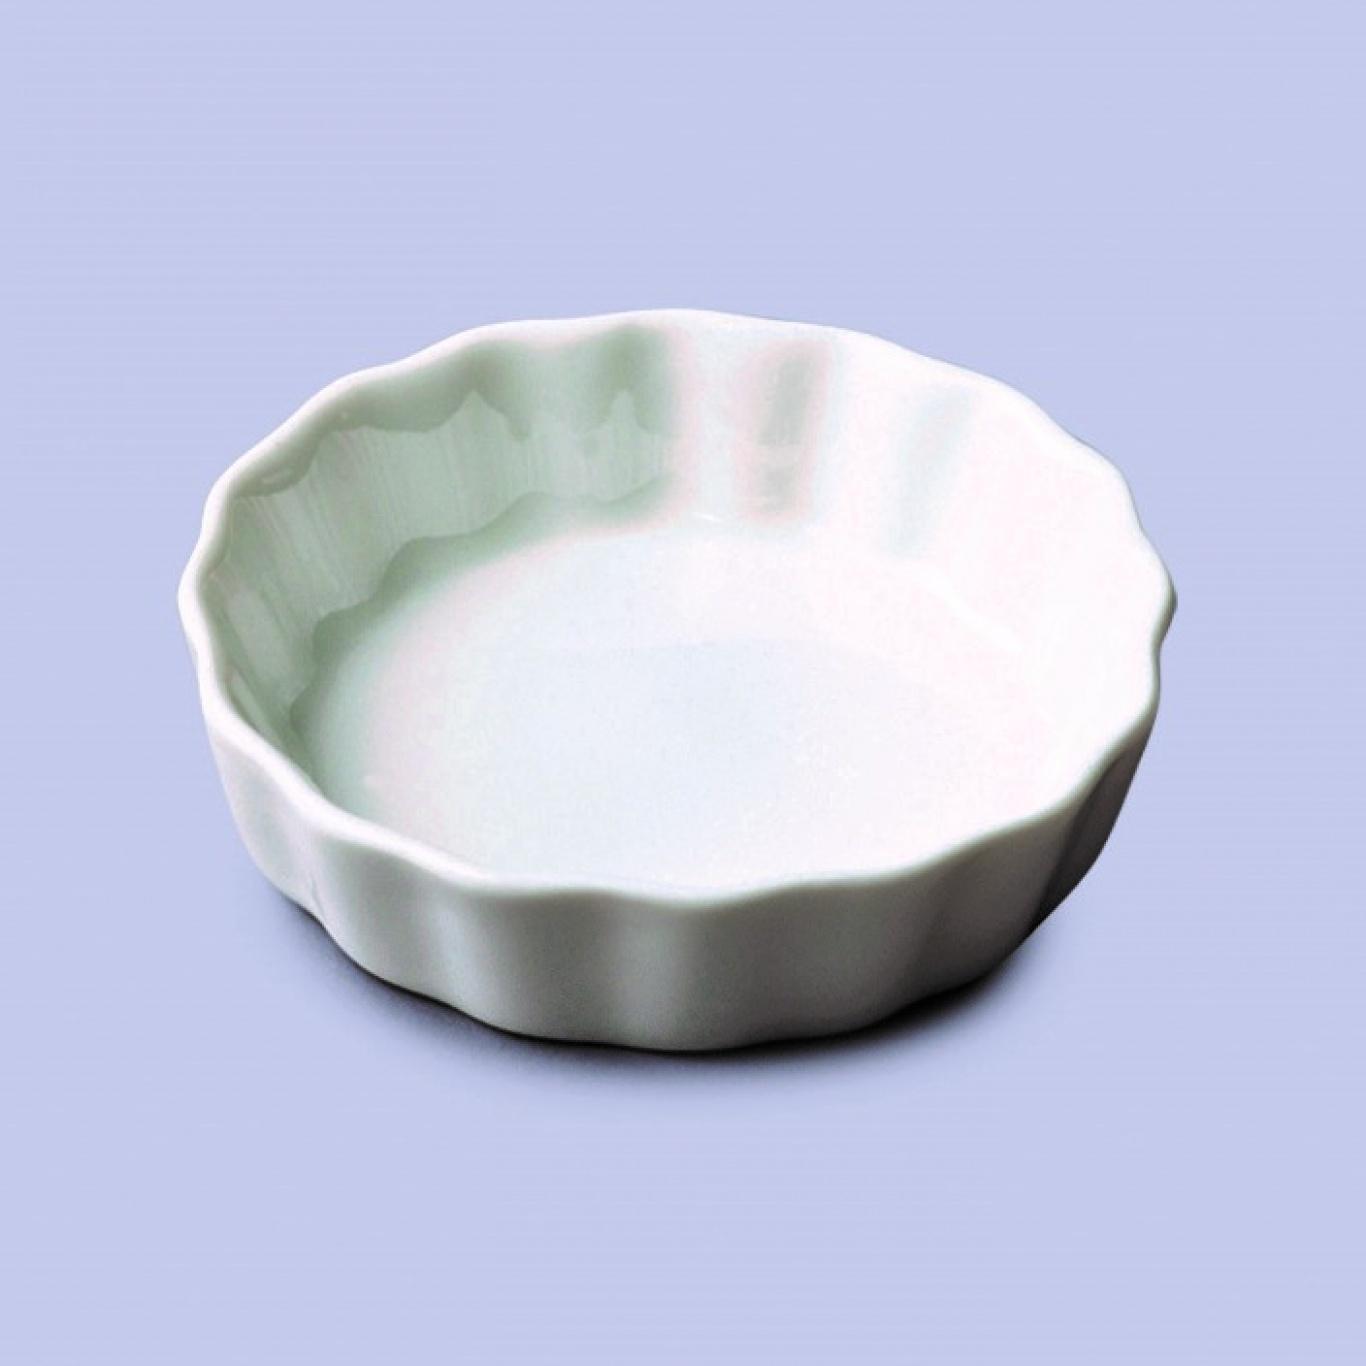 Image of Flan Dish Mini